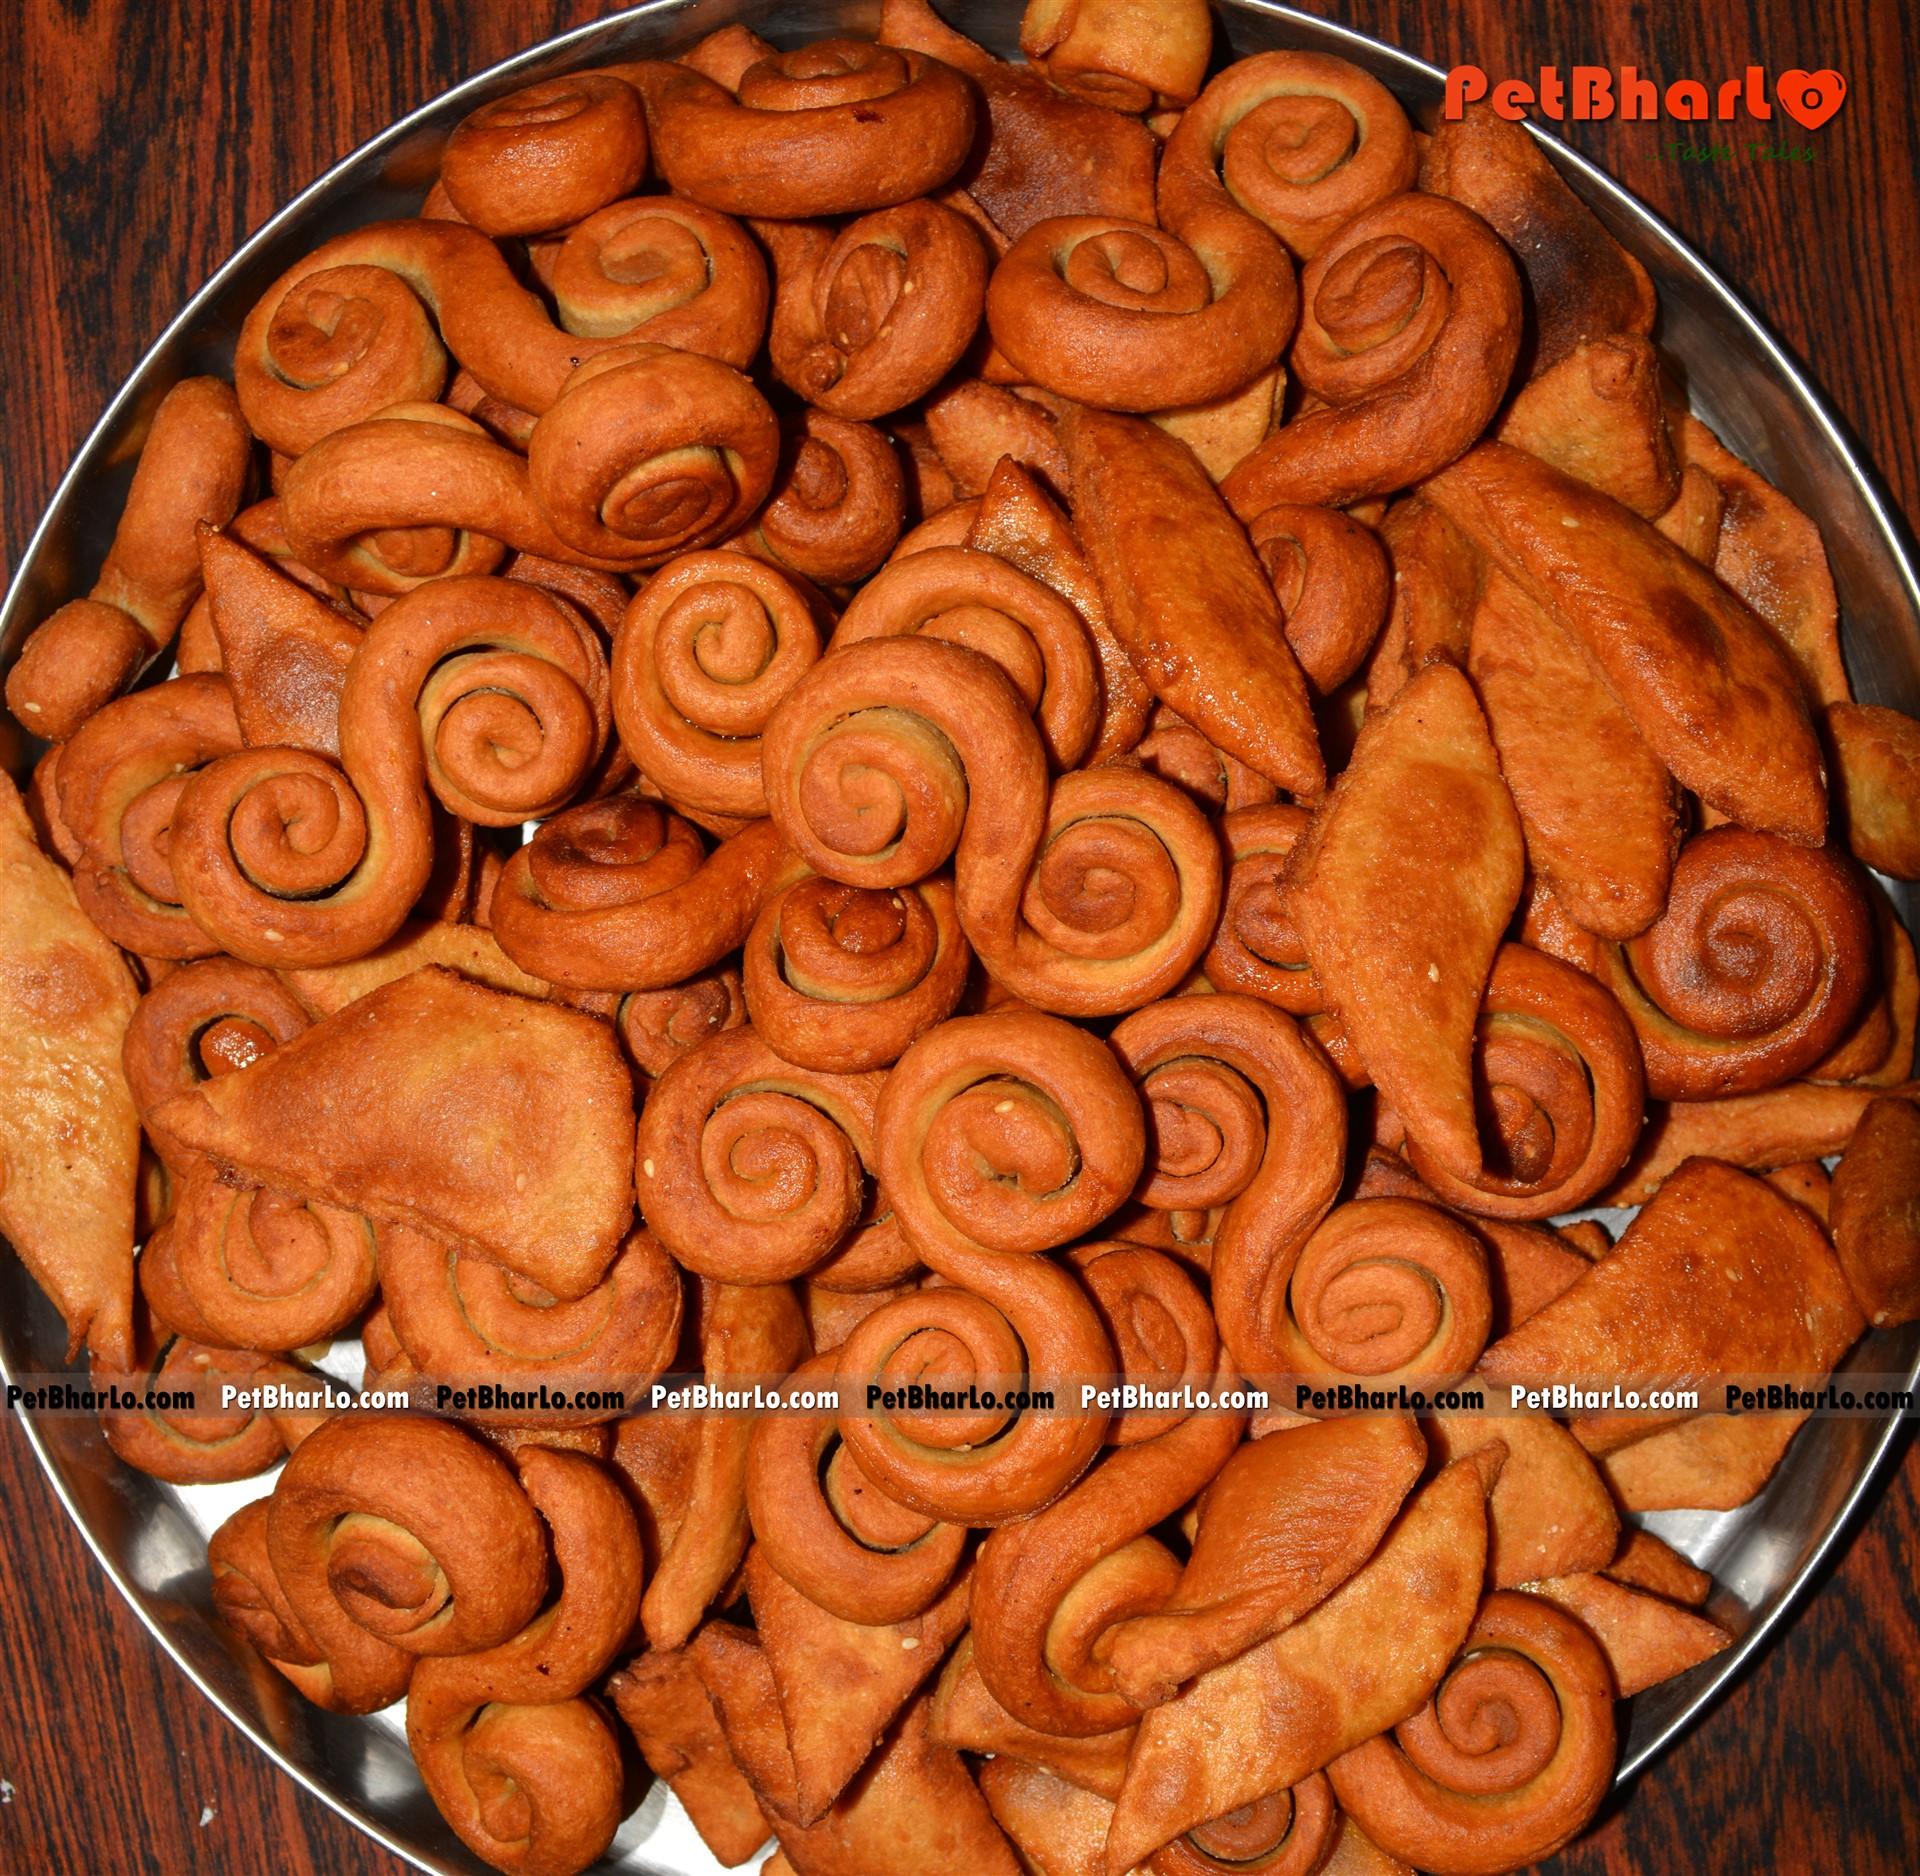 suttu-puttu-ahoi-ashtami-jammu-dogra-culture